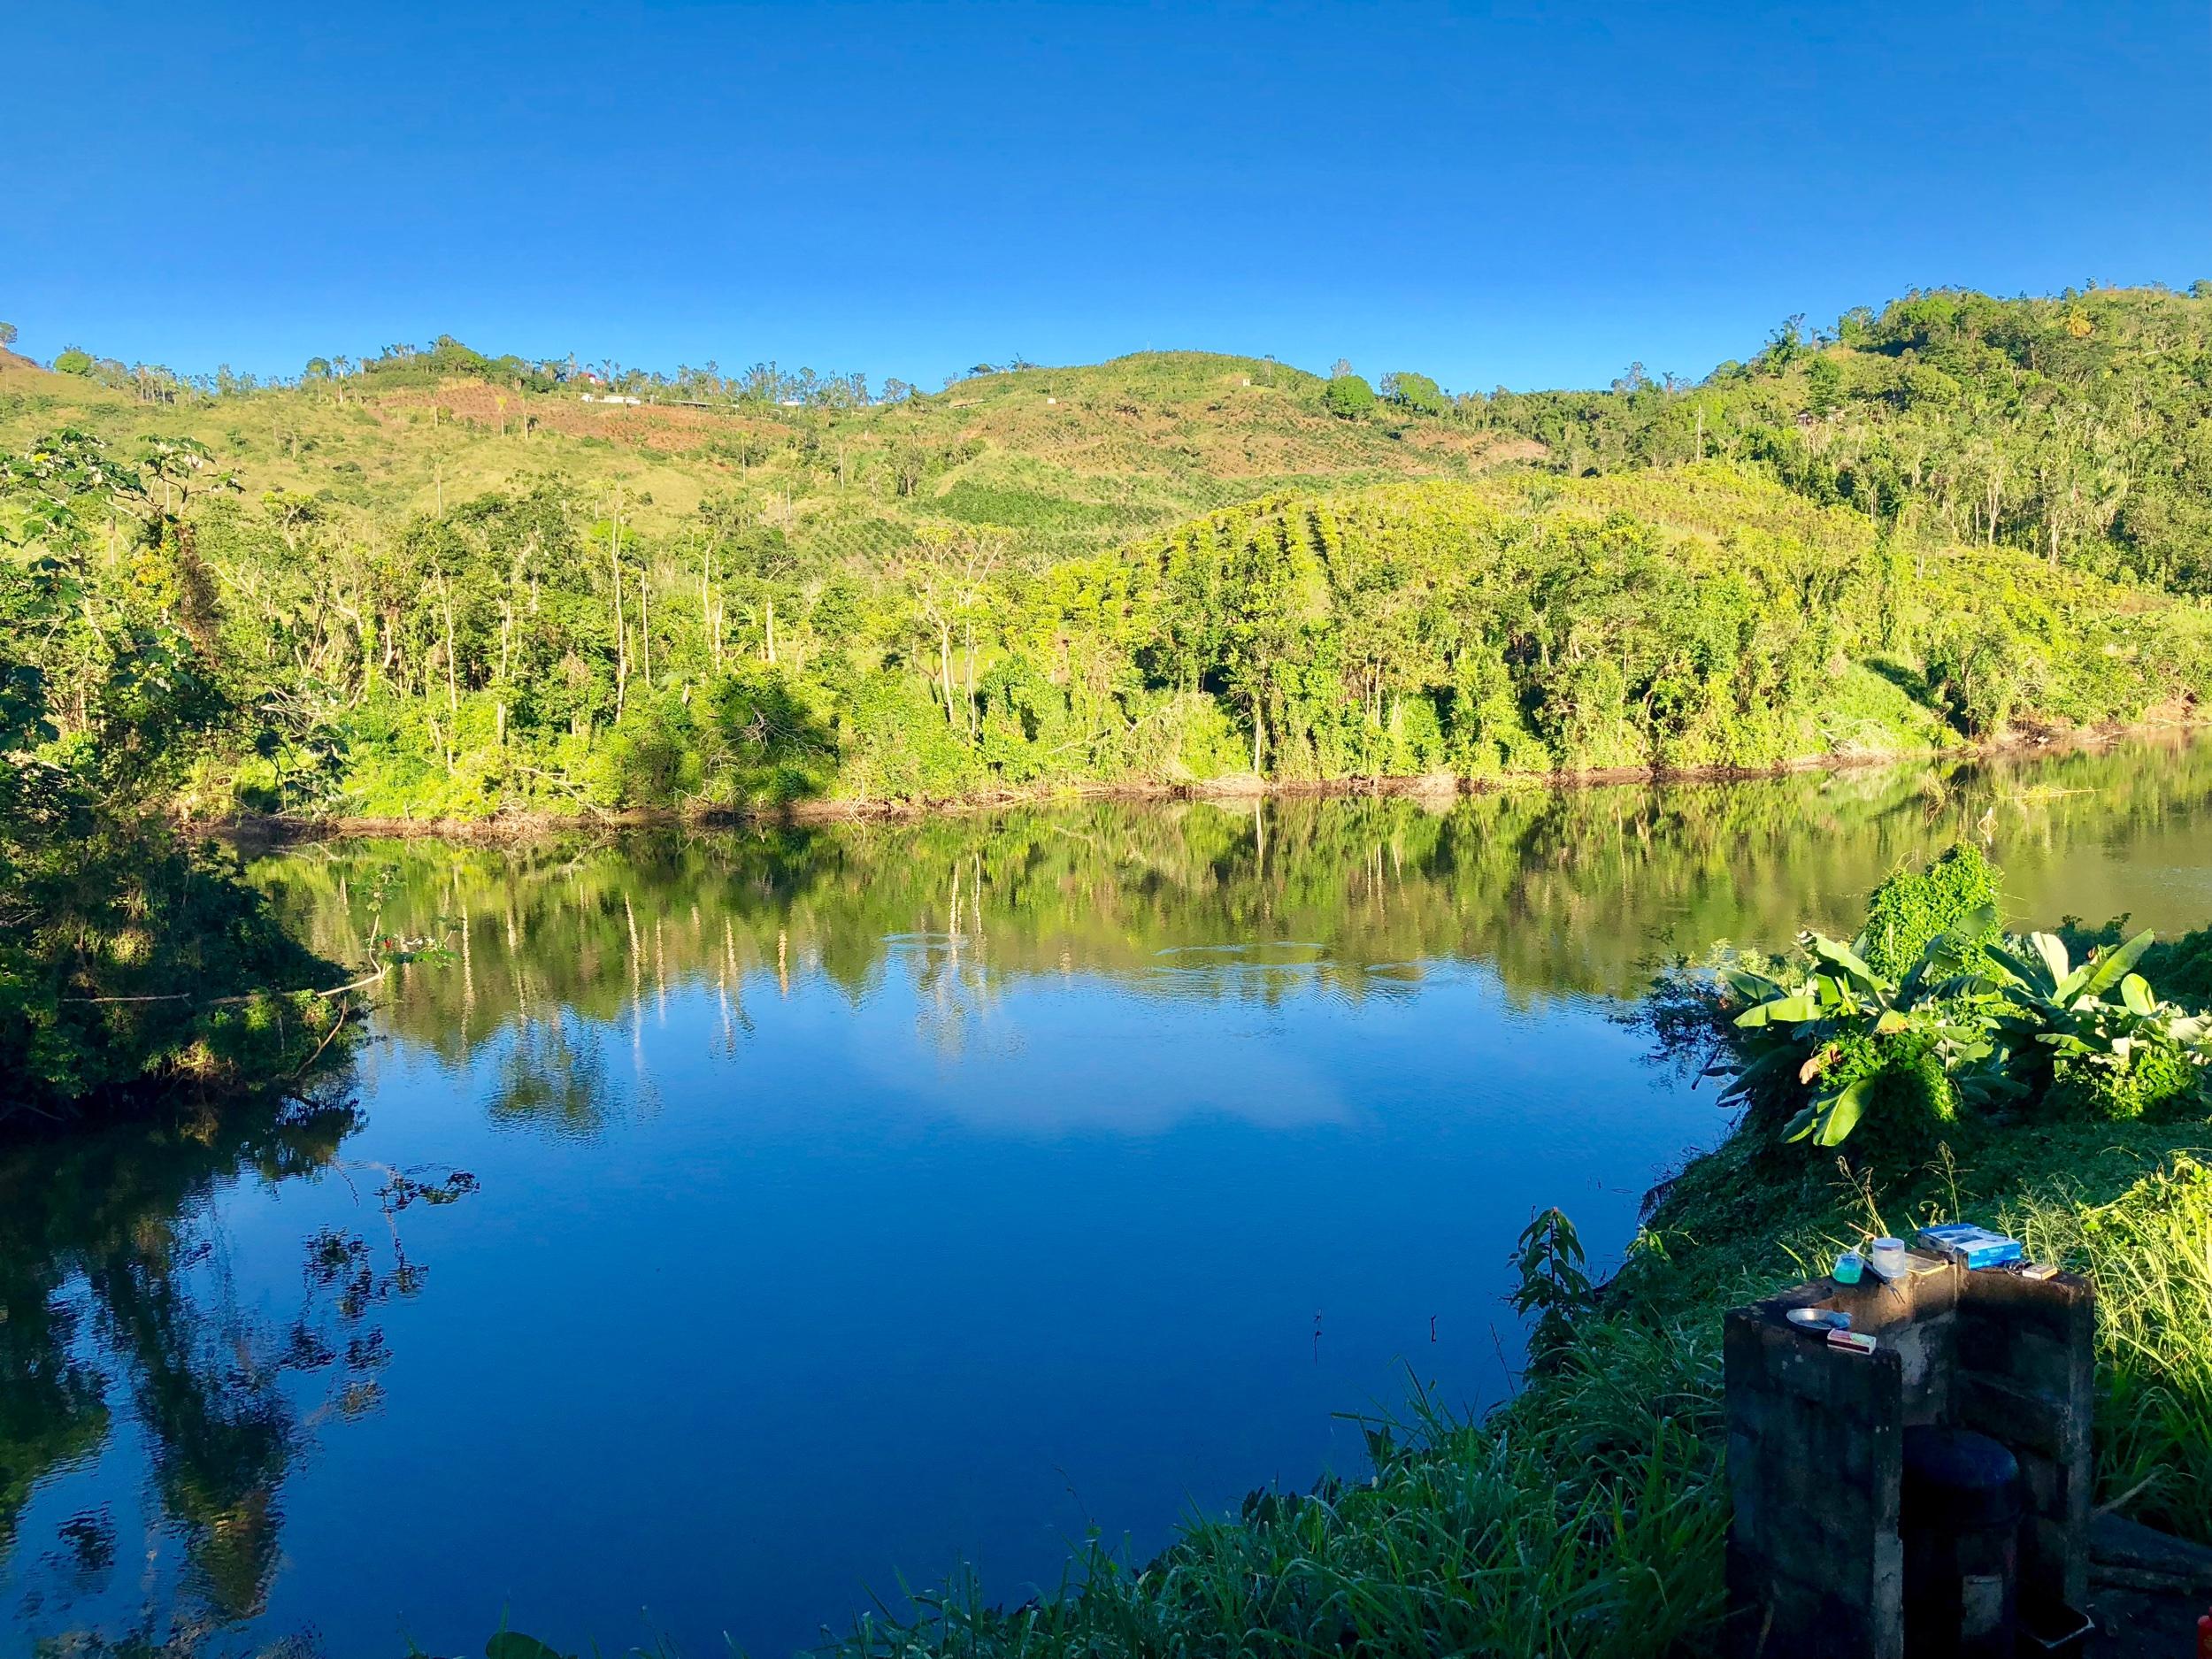 Ruta panorámica - 2. Recorre la Ruta Panorámica. Esta es una de las rutas más hermosas de todas las islas del Caribe. Aunque muchas otras cuentan con encantos en sus áreas montañosas, muy pocas cuentan con carreteras que te permitan recorrer semejantes paisajes y vistas de una manera cómoda. La ruta no solo está llena de vistas espectaculares y naturaleza, sino que también encontrarás decenas de negocios y restaurantes locales a precios sumamente económicos y con gastronomía exquisita.